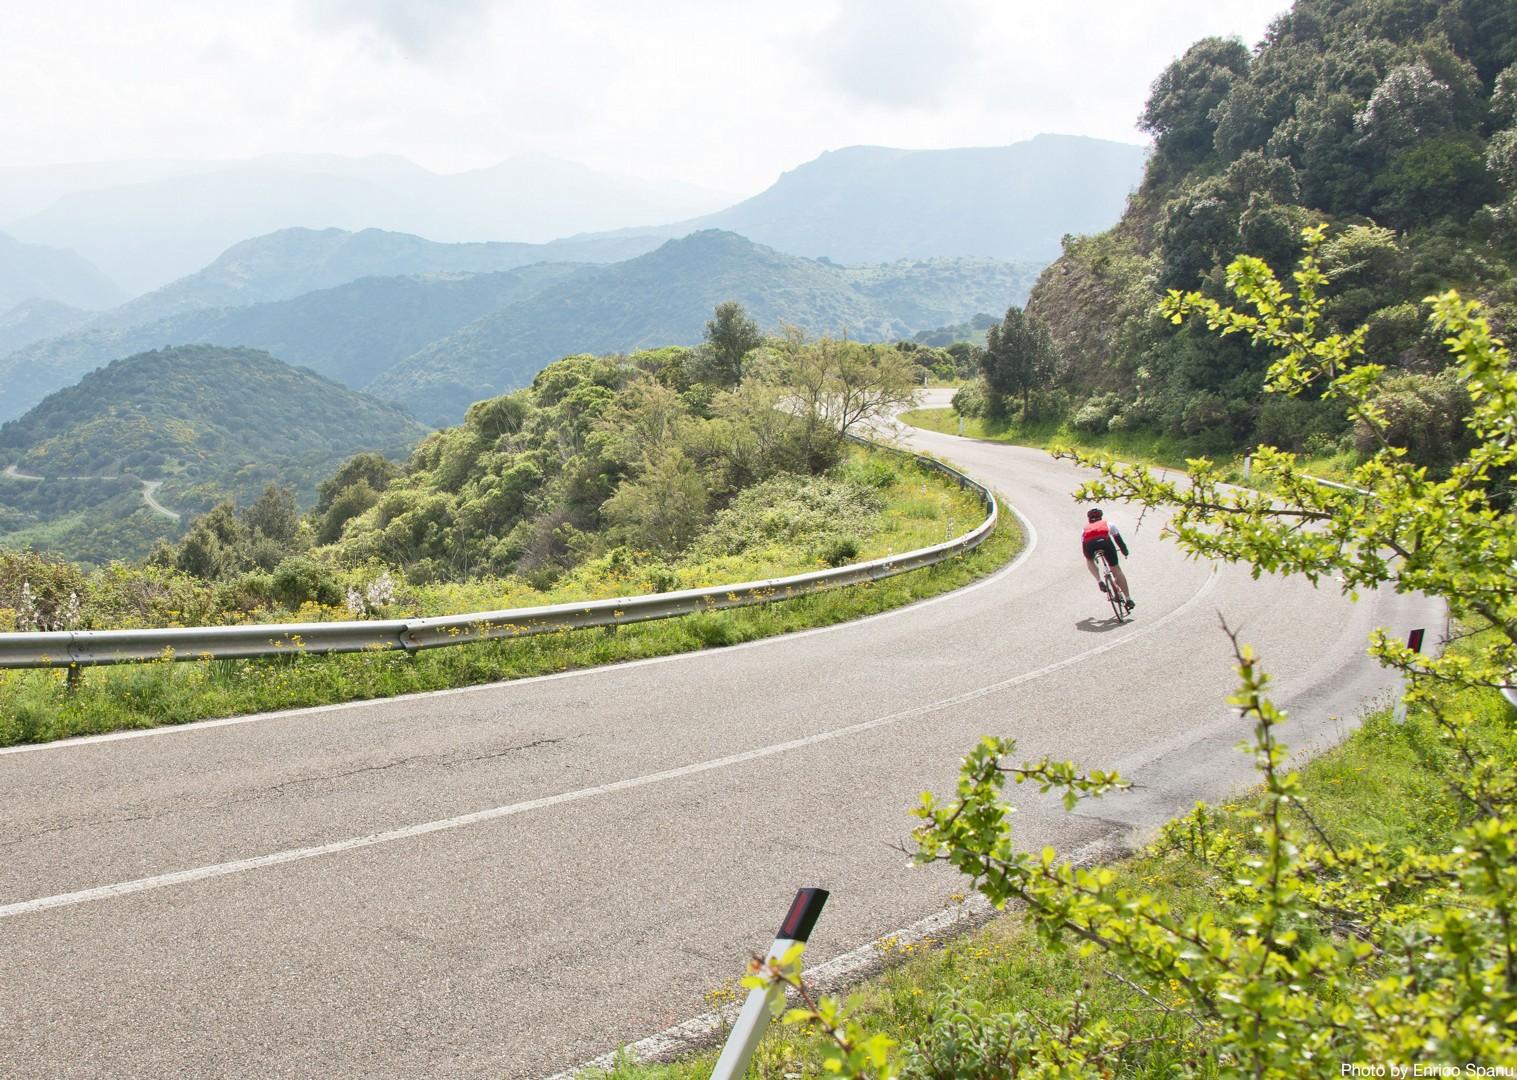 Road-Cycling-Holiday-Italy-Sardinia-Sardinian-Mountains.jpg - Italy - Sardinia - Sardinian Mountains - Guided Road Cycling Holiday - Road Cycling